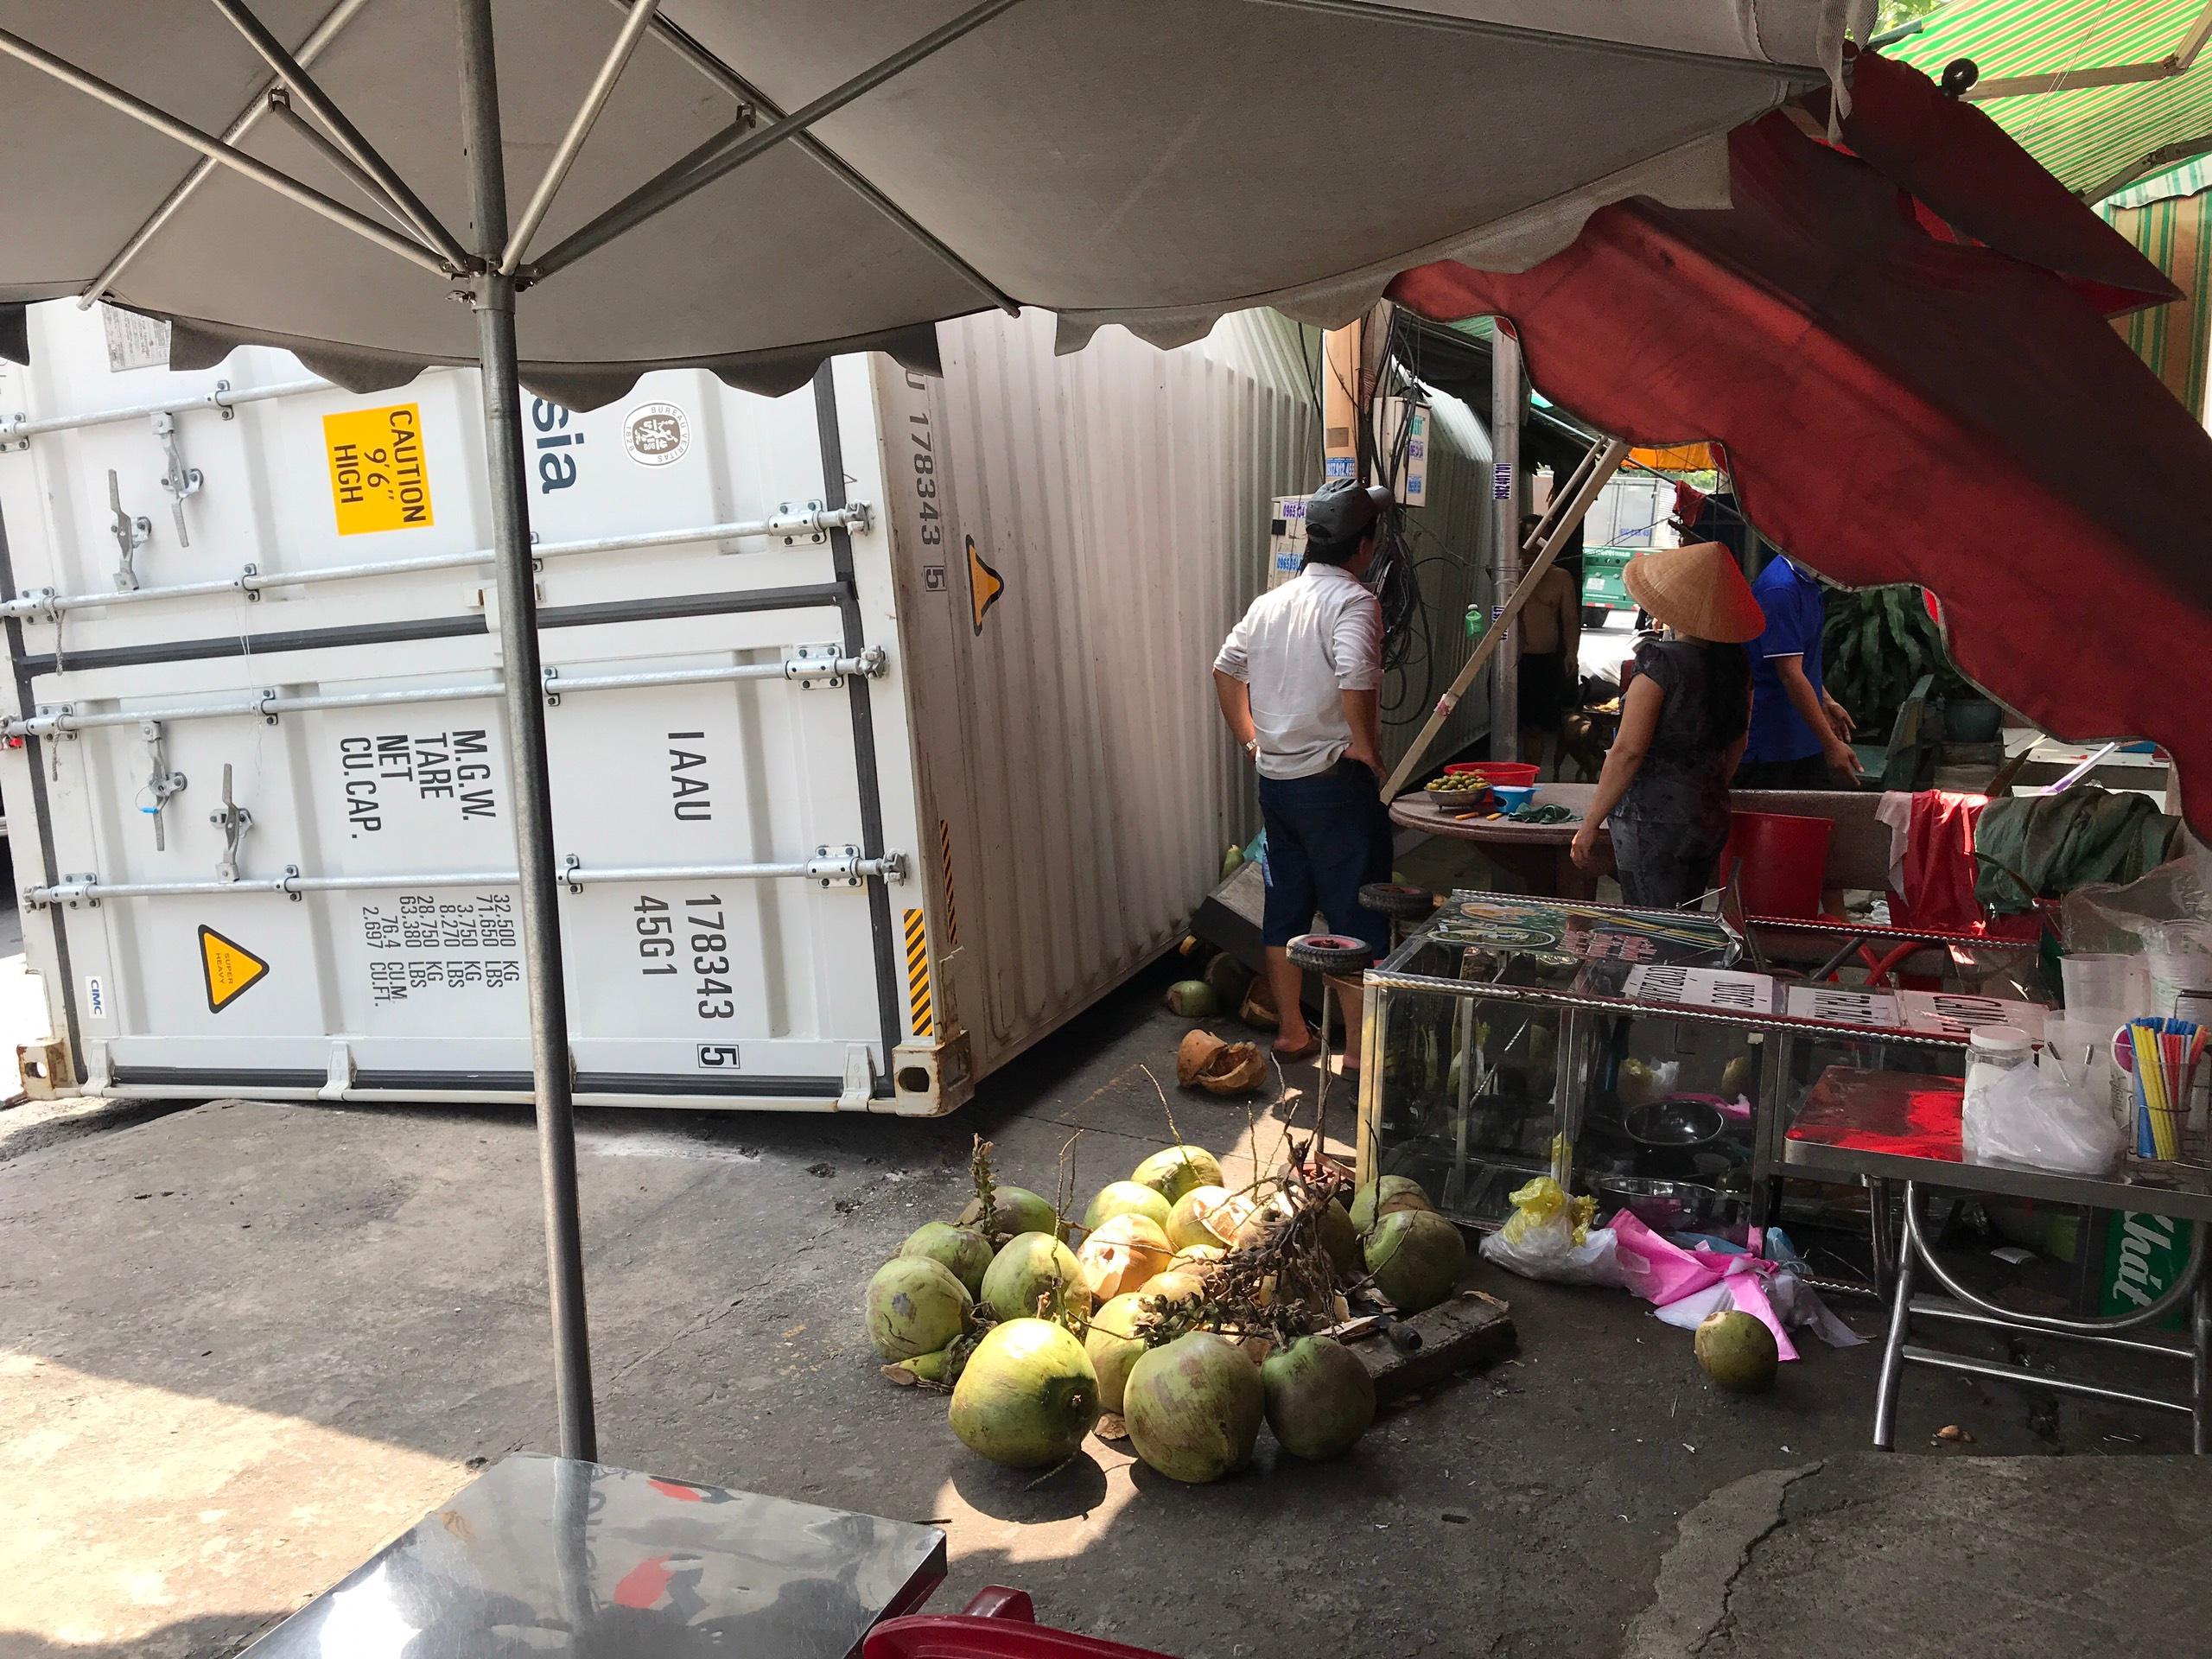 Bình Dương: Thùng container 'bay' lên vỉa hè, nhiều người suýt chết Ảnh 1